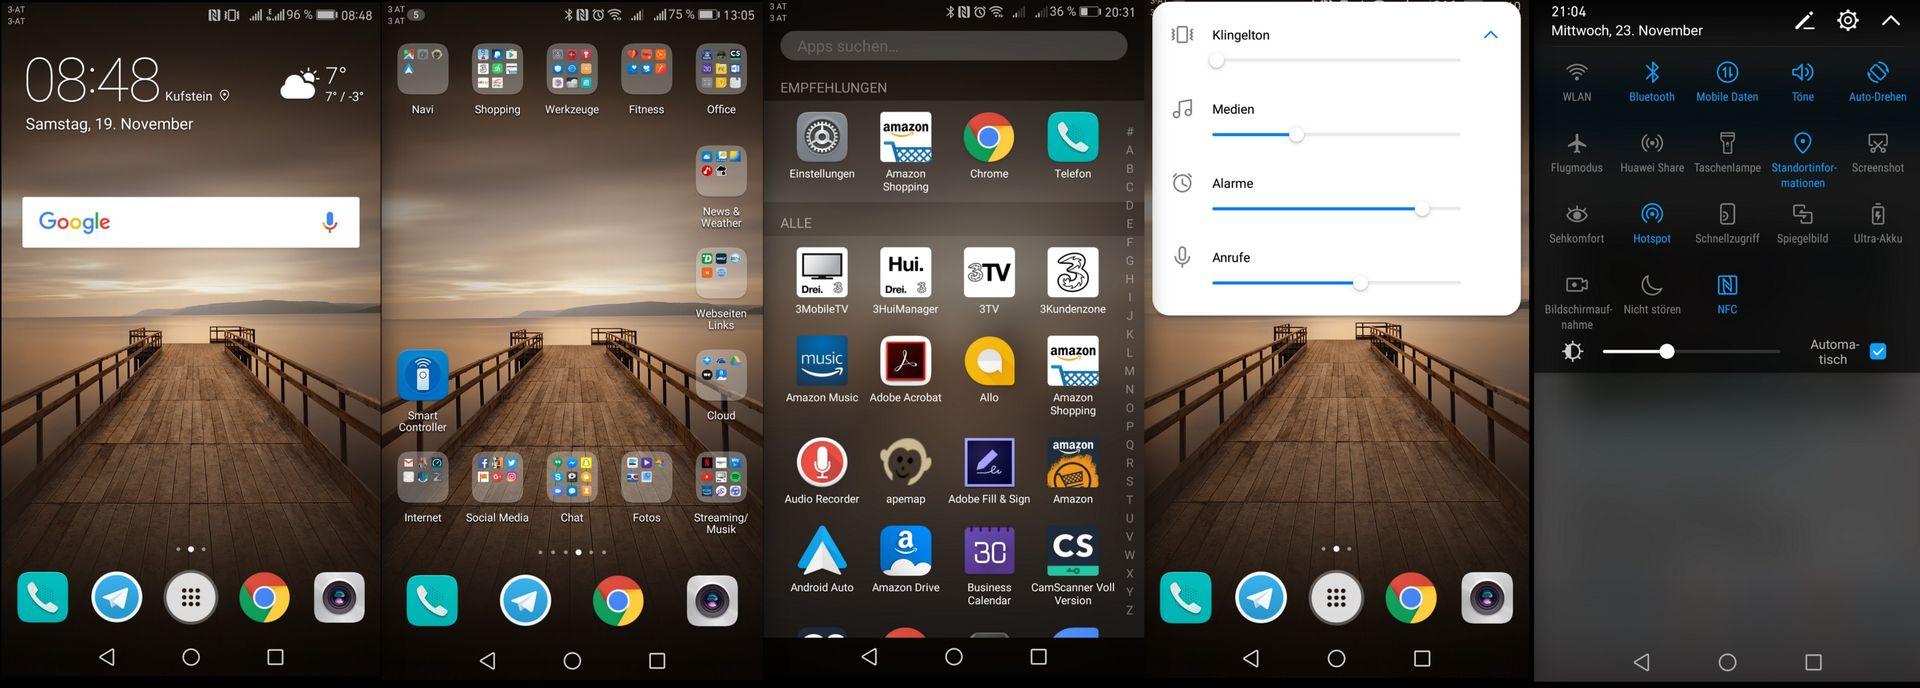 Homescreen - Huawei Mate 9 - SmartTechNews